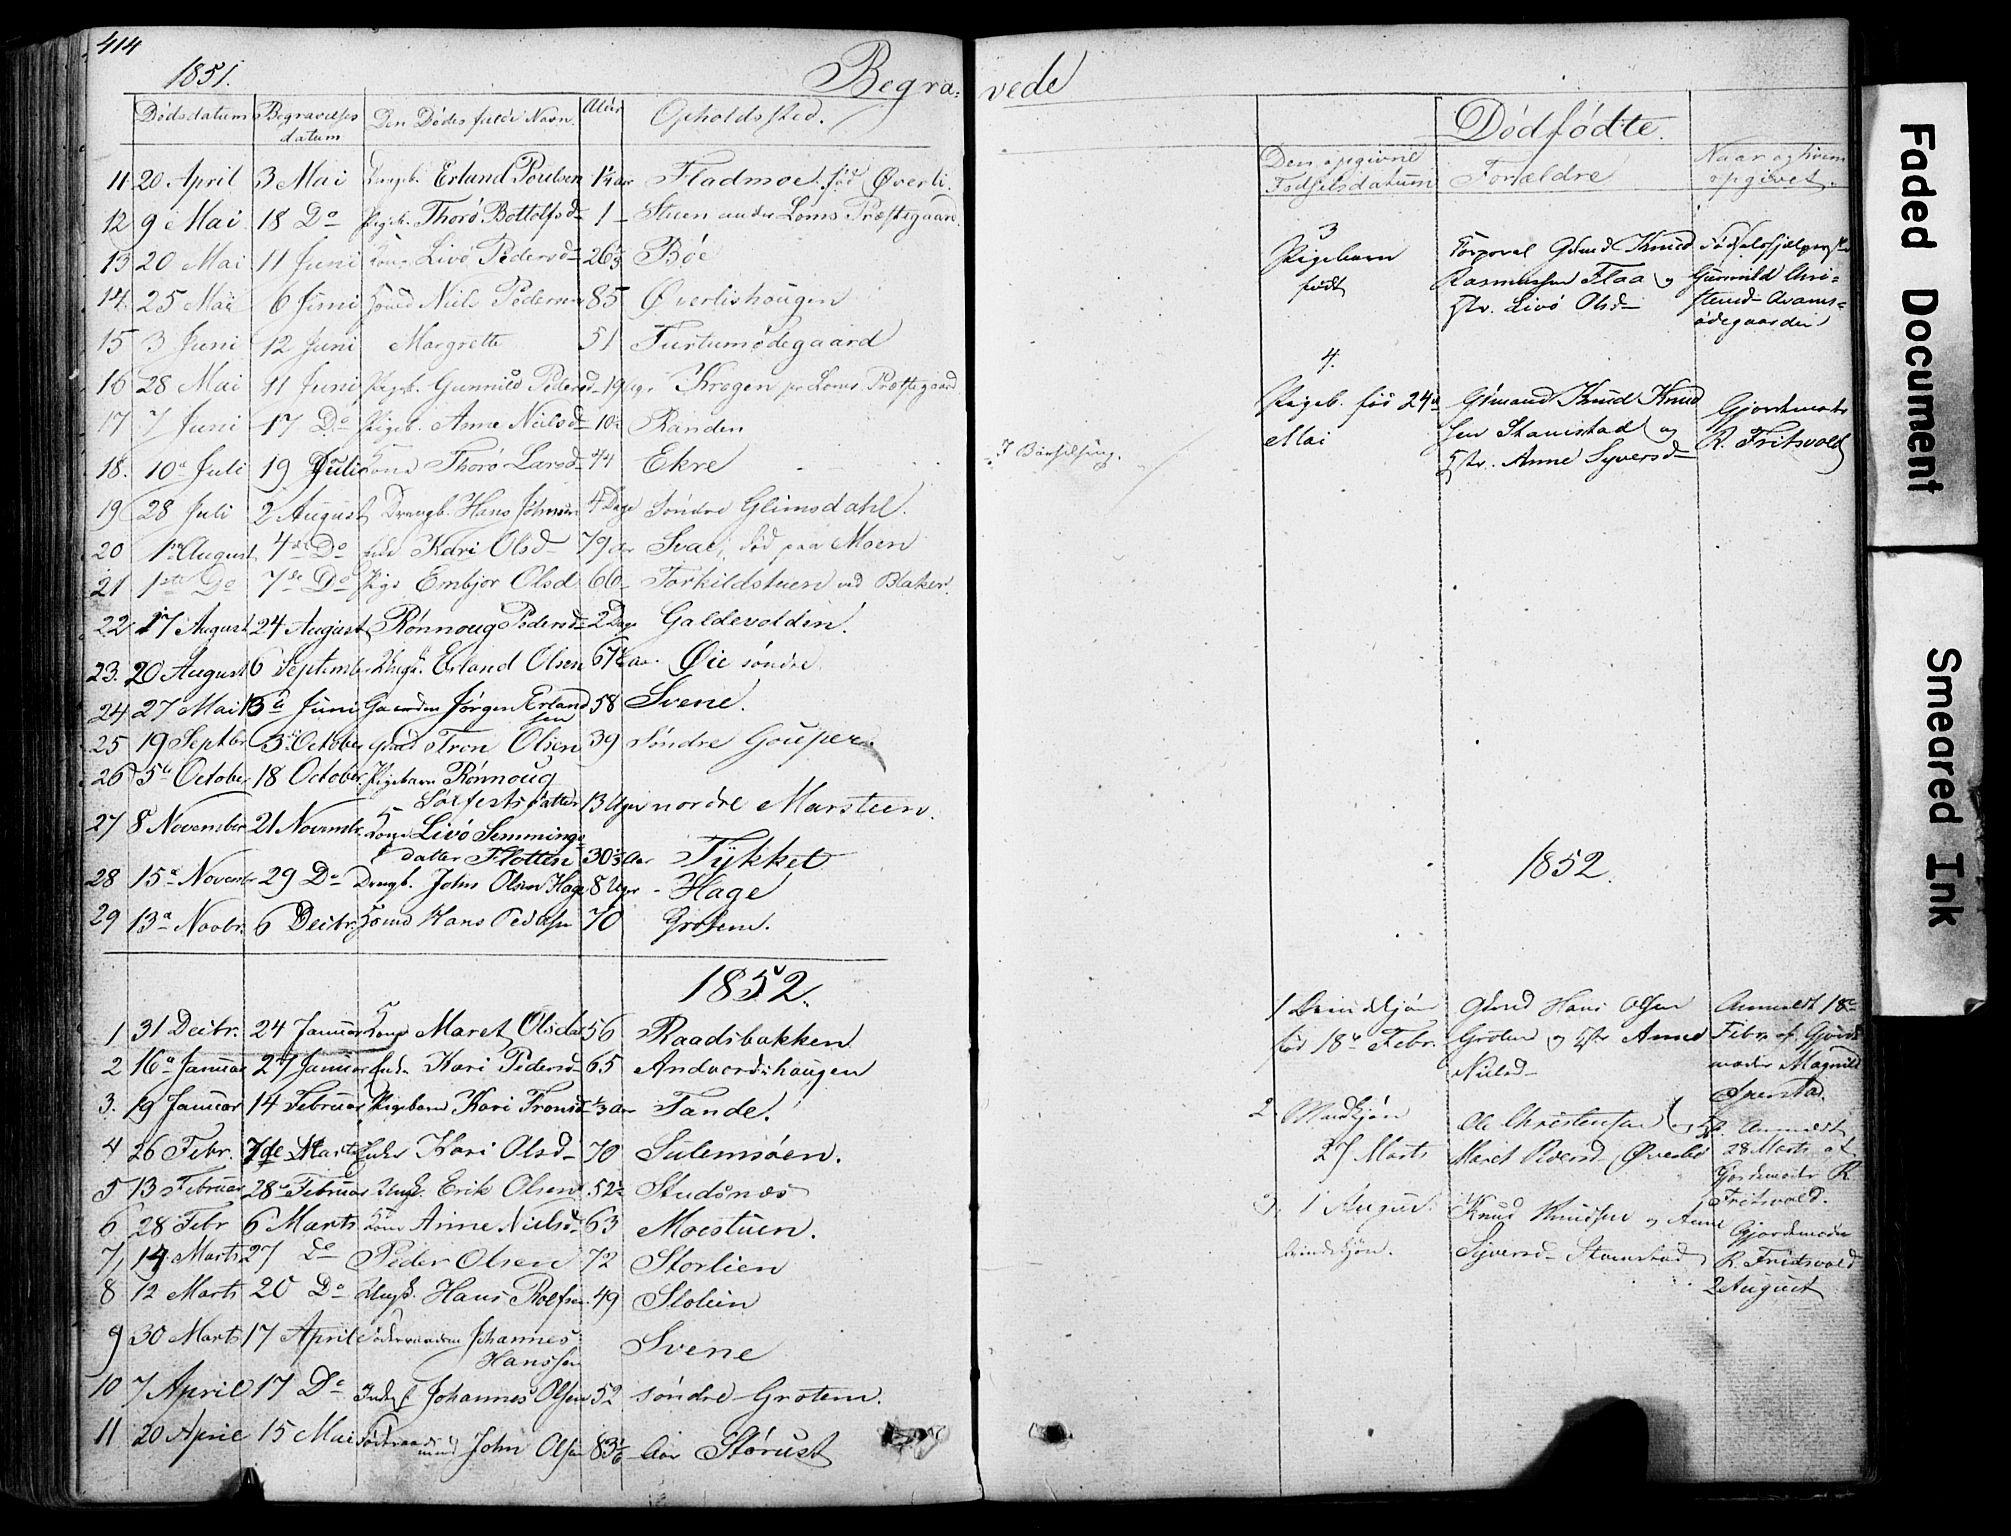 SAH, Lom prestekontor, L/L0012: Klokkerbok nr. 12, 1845-1873, s. 414-415